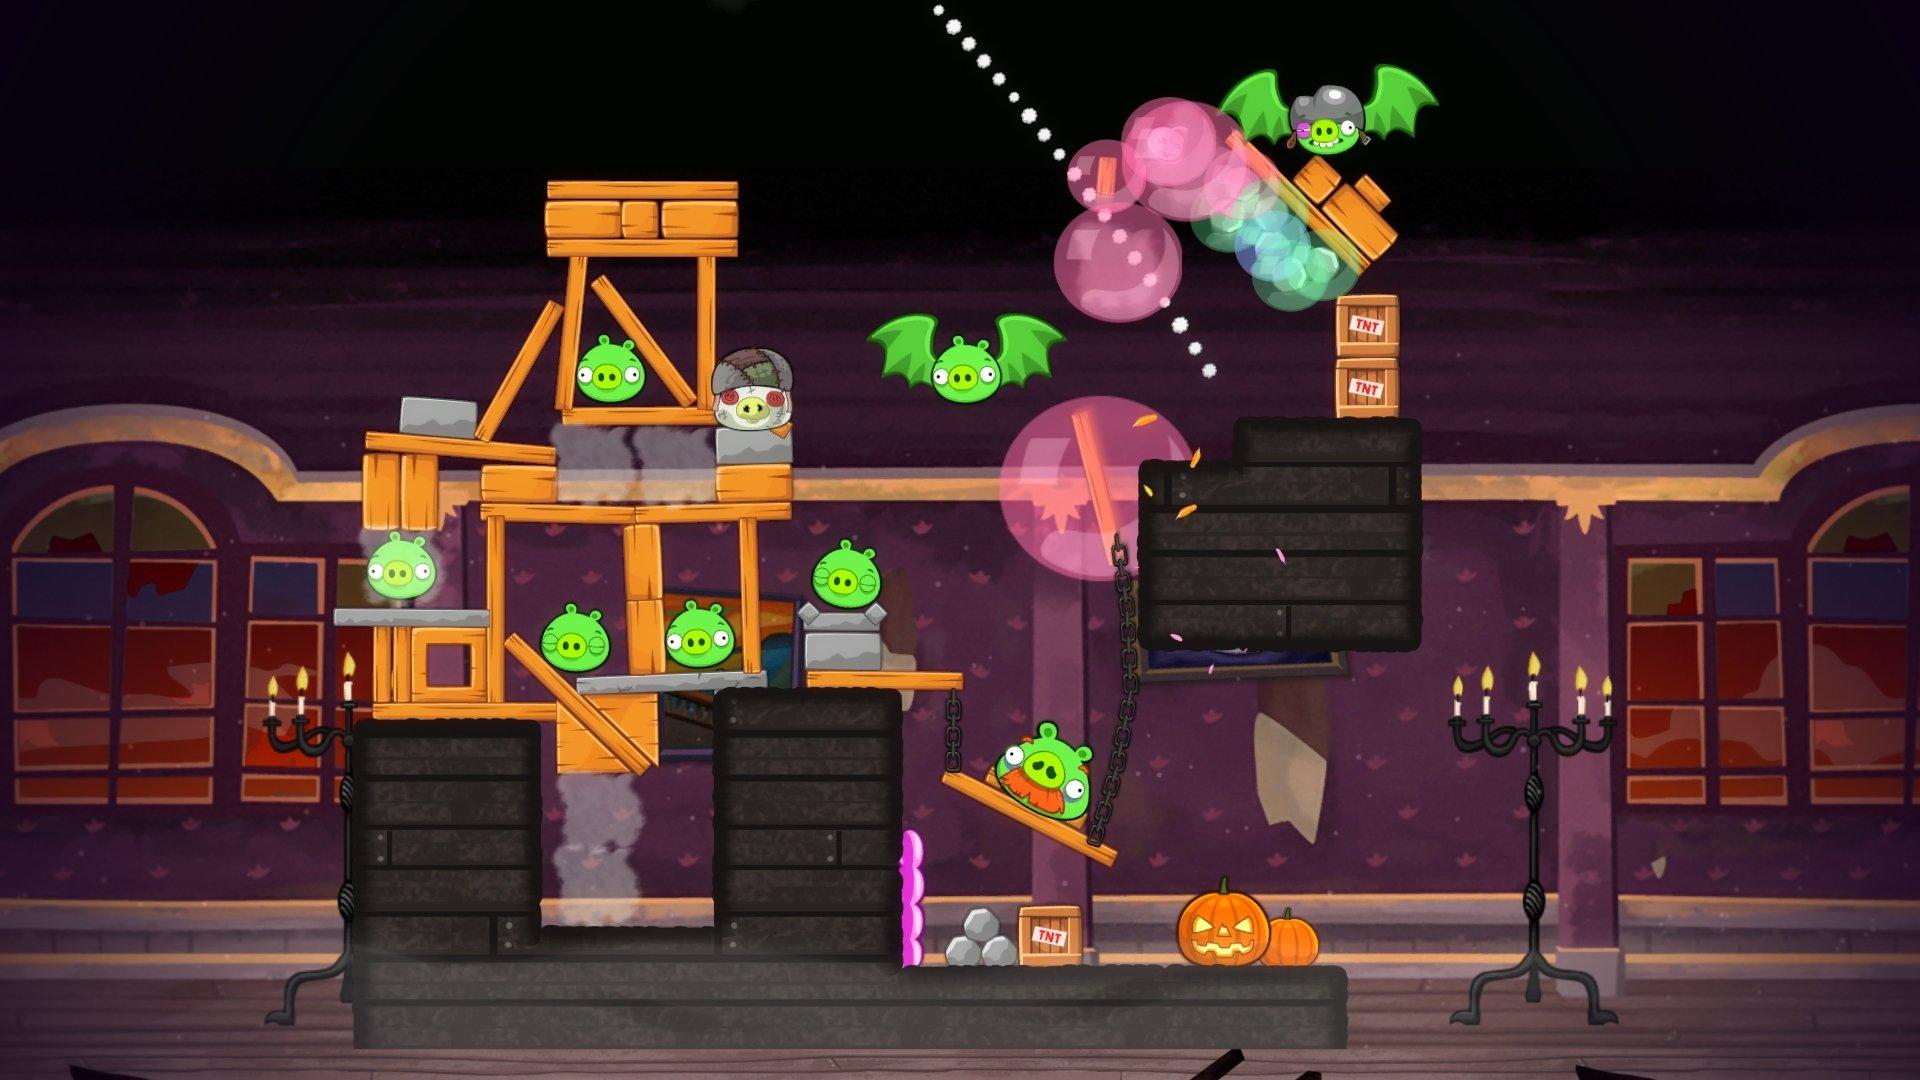 Сегодня Angry Birds Trilogy выходит на PlayStation Vita - Изображение 1